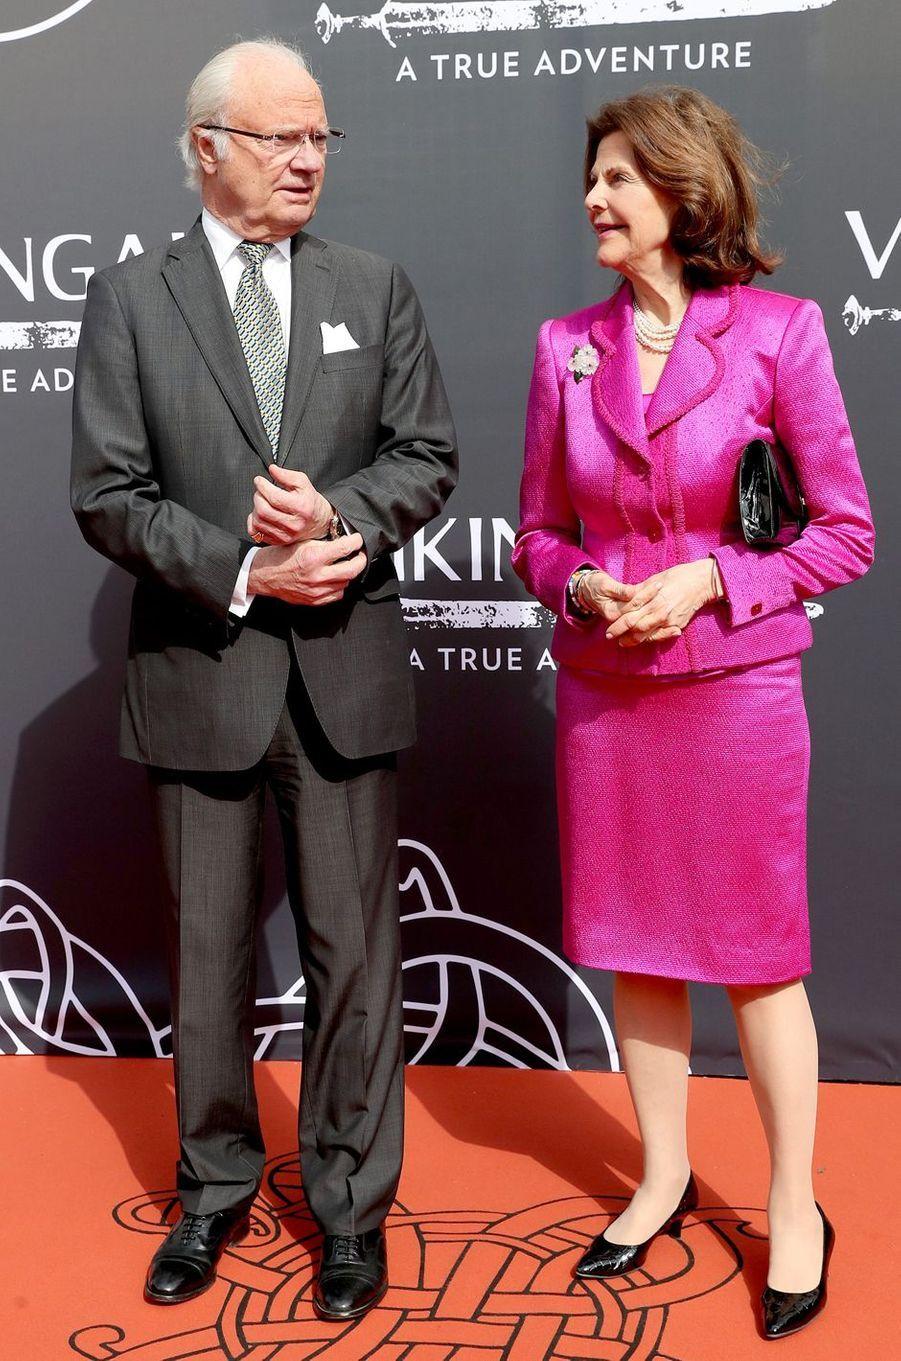 La reine Silvia et le roi Carl XVI Gustaf de Suède au musée Vikingaliv à Stockholm, le 28 avril 2017